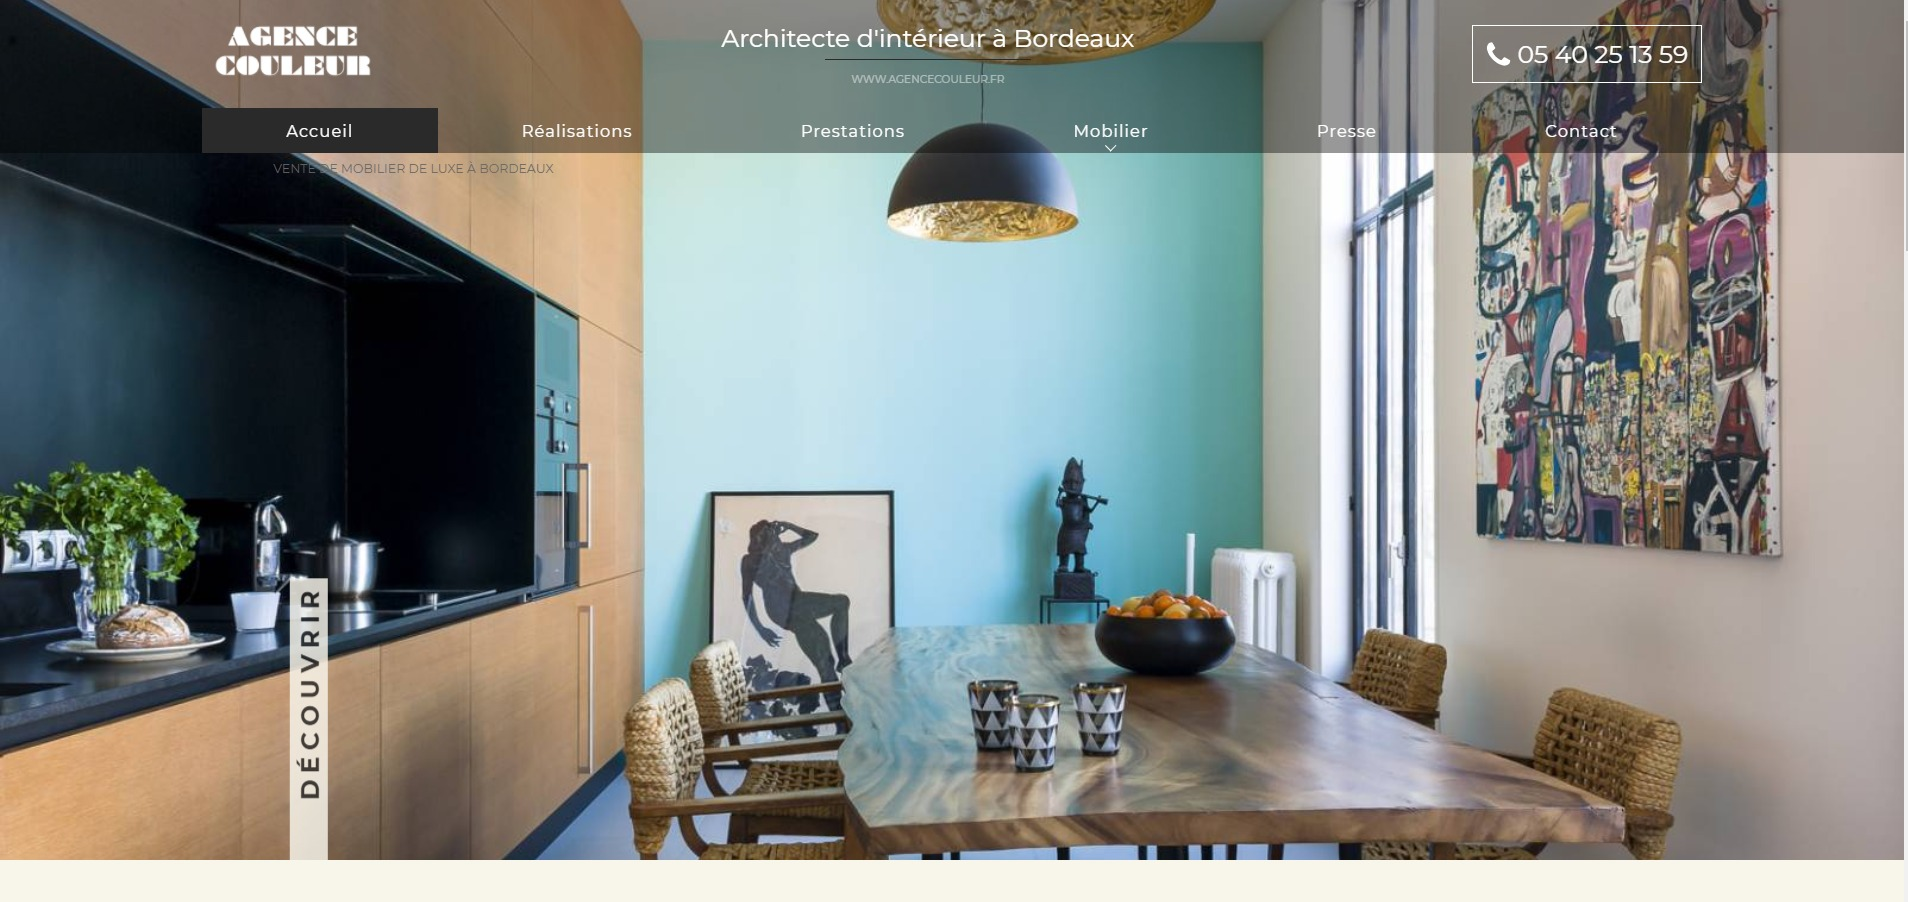 am nagement d 39 int rieur haut de gamme bordeaux agence couleur jalis. Black Bedroom Furniture Sets. Home Design Ideas